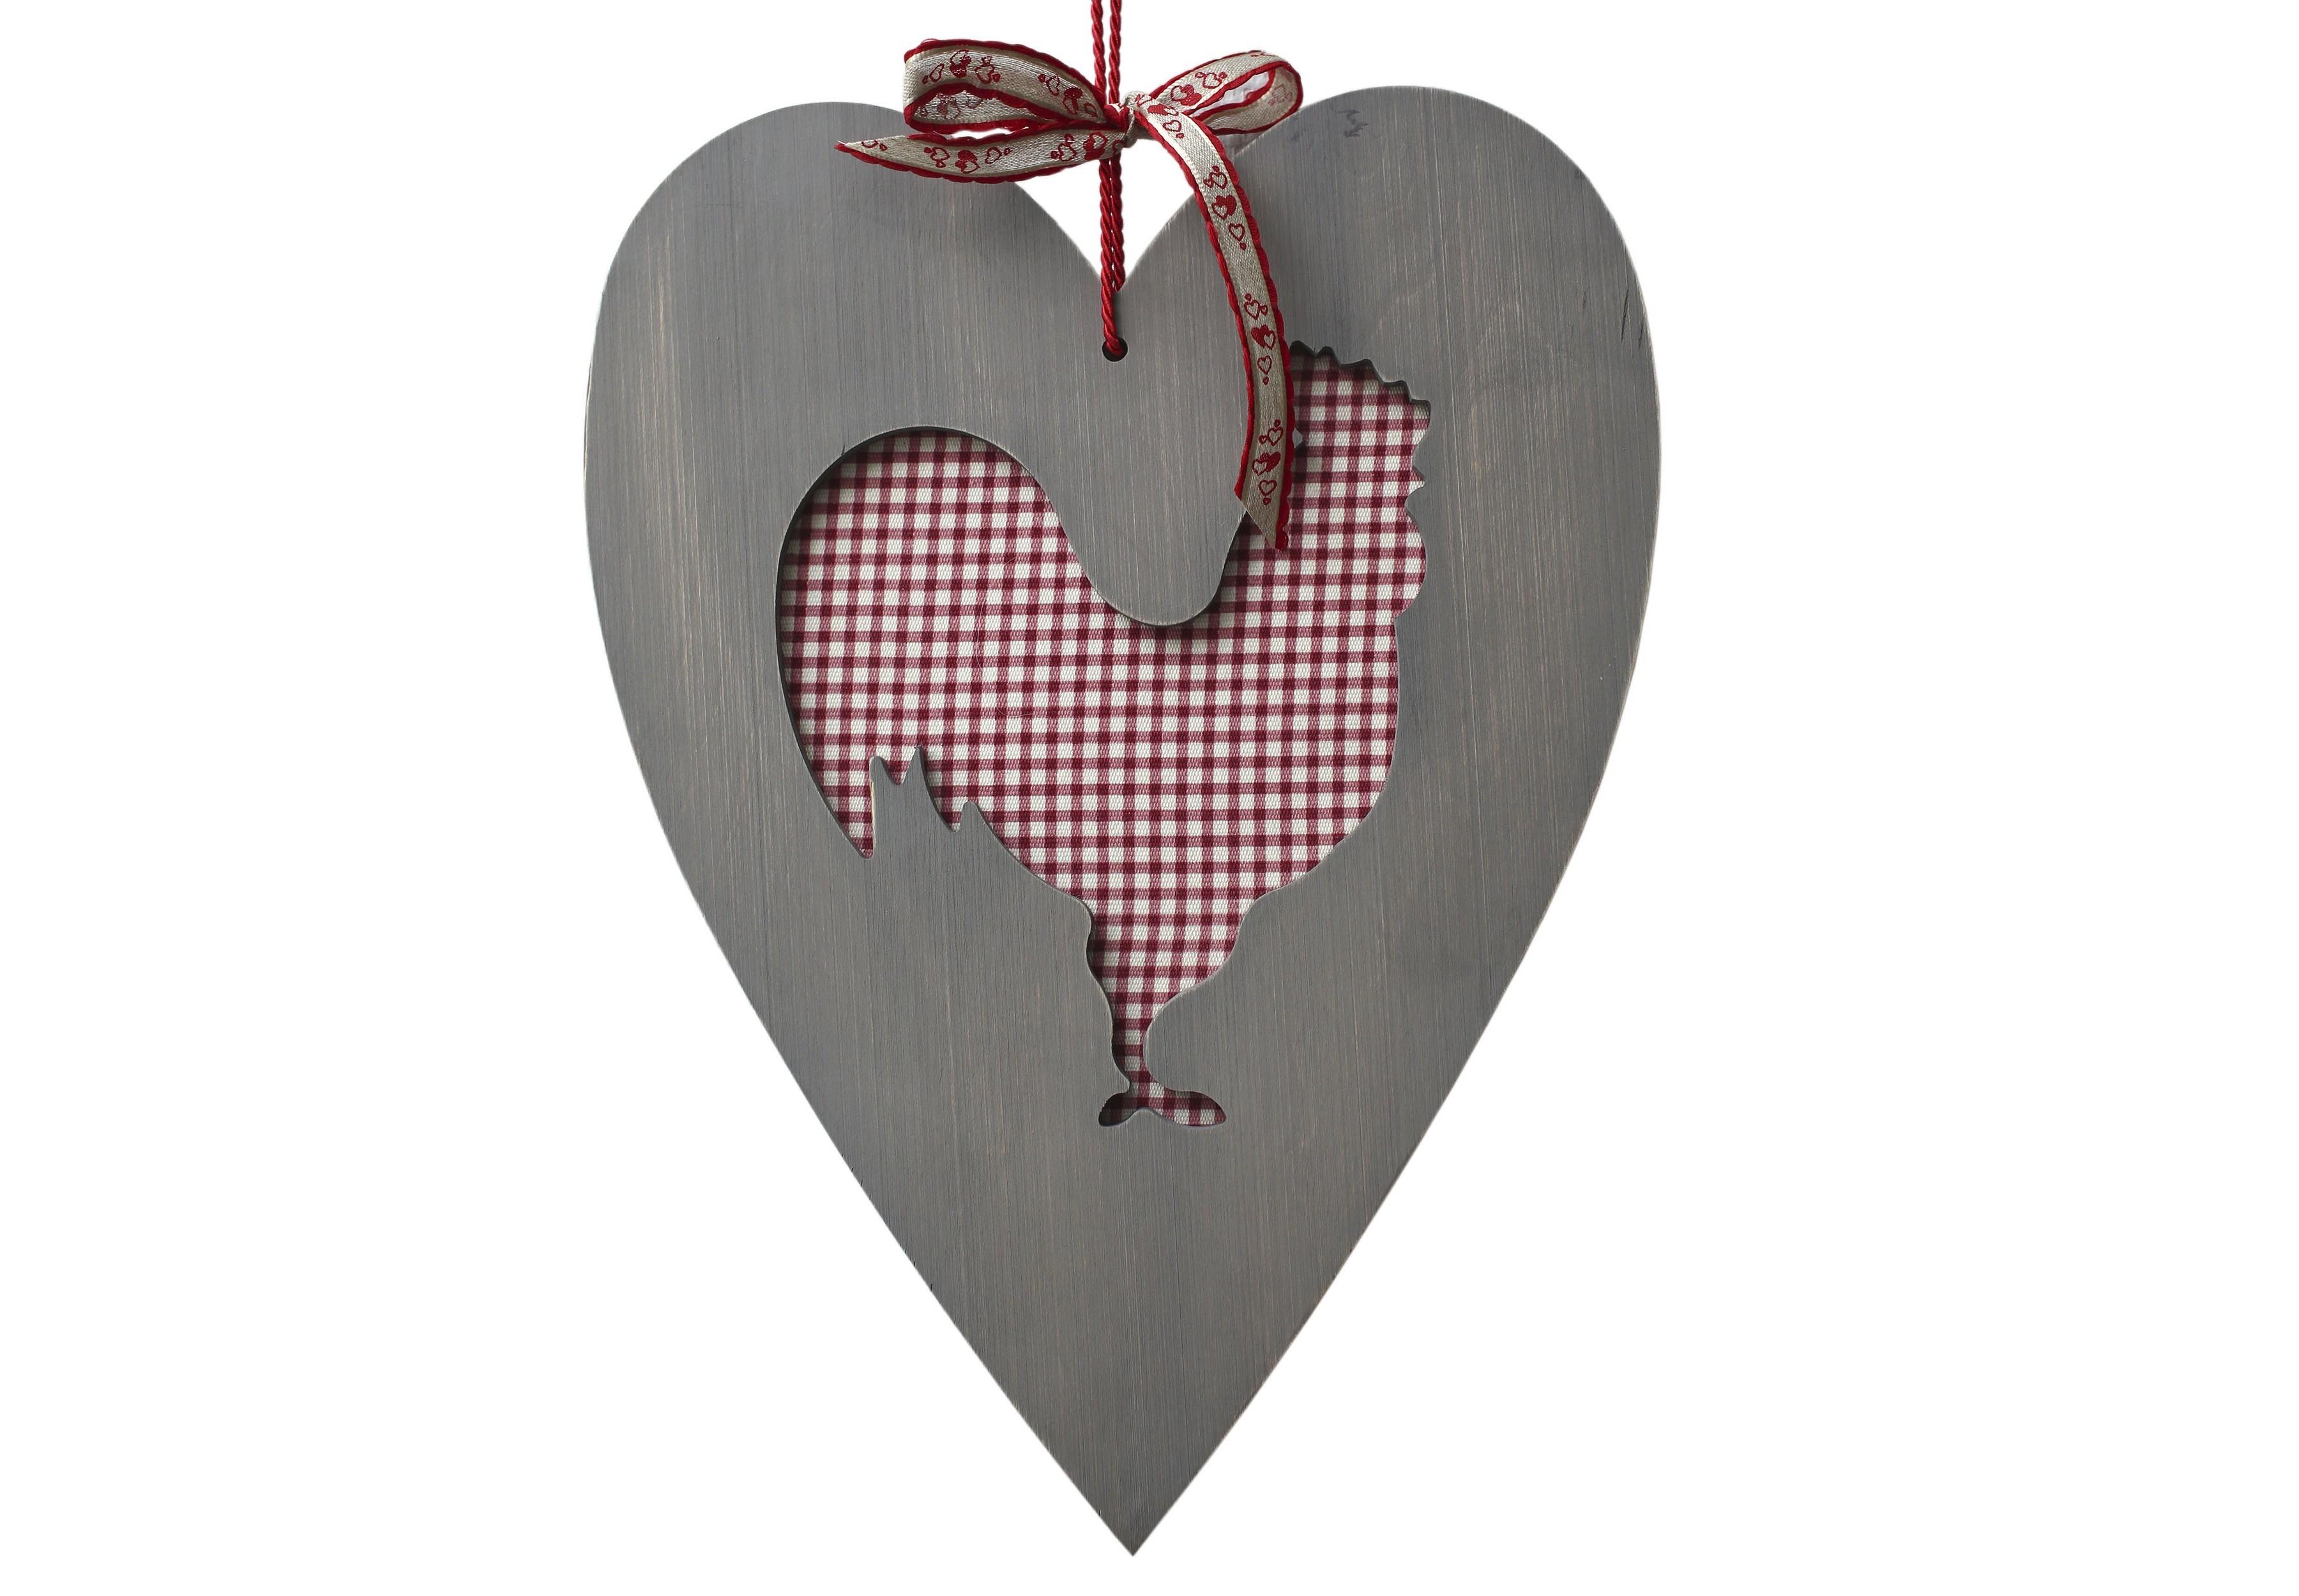 Декоративная разделочная доска Петух скандинавскийПодставки и доски<br>Декоративная разделочная деревянная доска &amp;quot;Петух  -сердце Прованса&amp;quot;, оригинальный подарок на кухню, на Новый Год и Рождество со вставкой -100% хлопок,  клетка или полоска. Внутренний деревянный петушок используется как подставка под горячее.<br><br>Material: Дерево<br>Ширина см: 36.0<br>Высота см: 36.0<br>Глубина см: 1.1